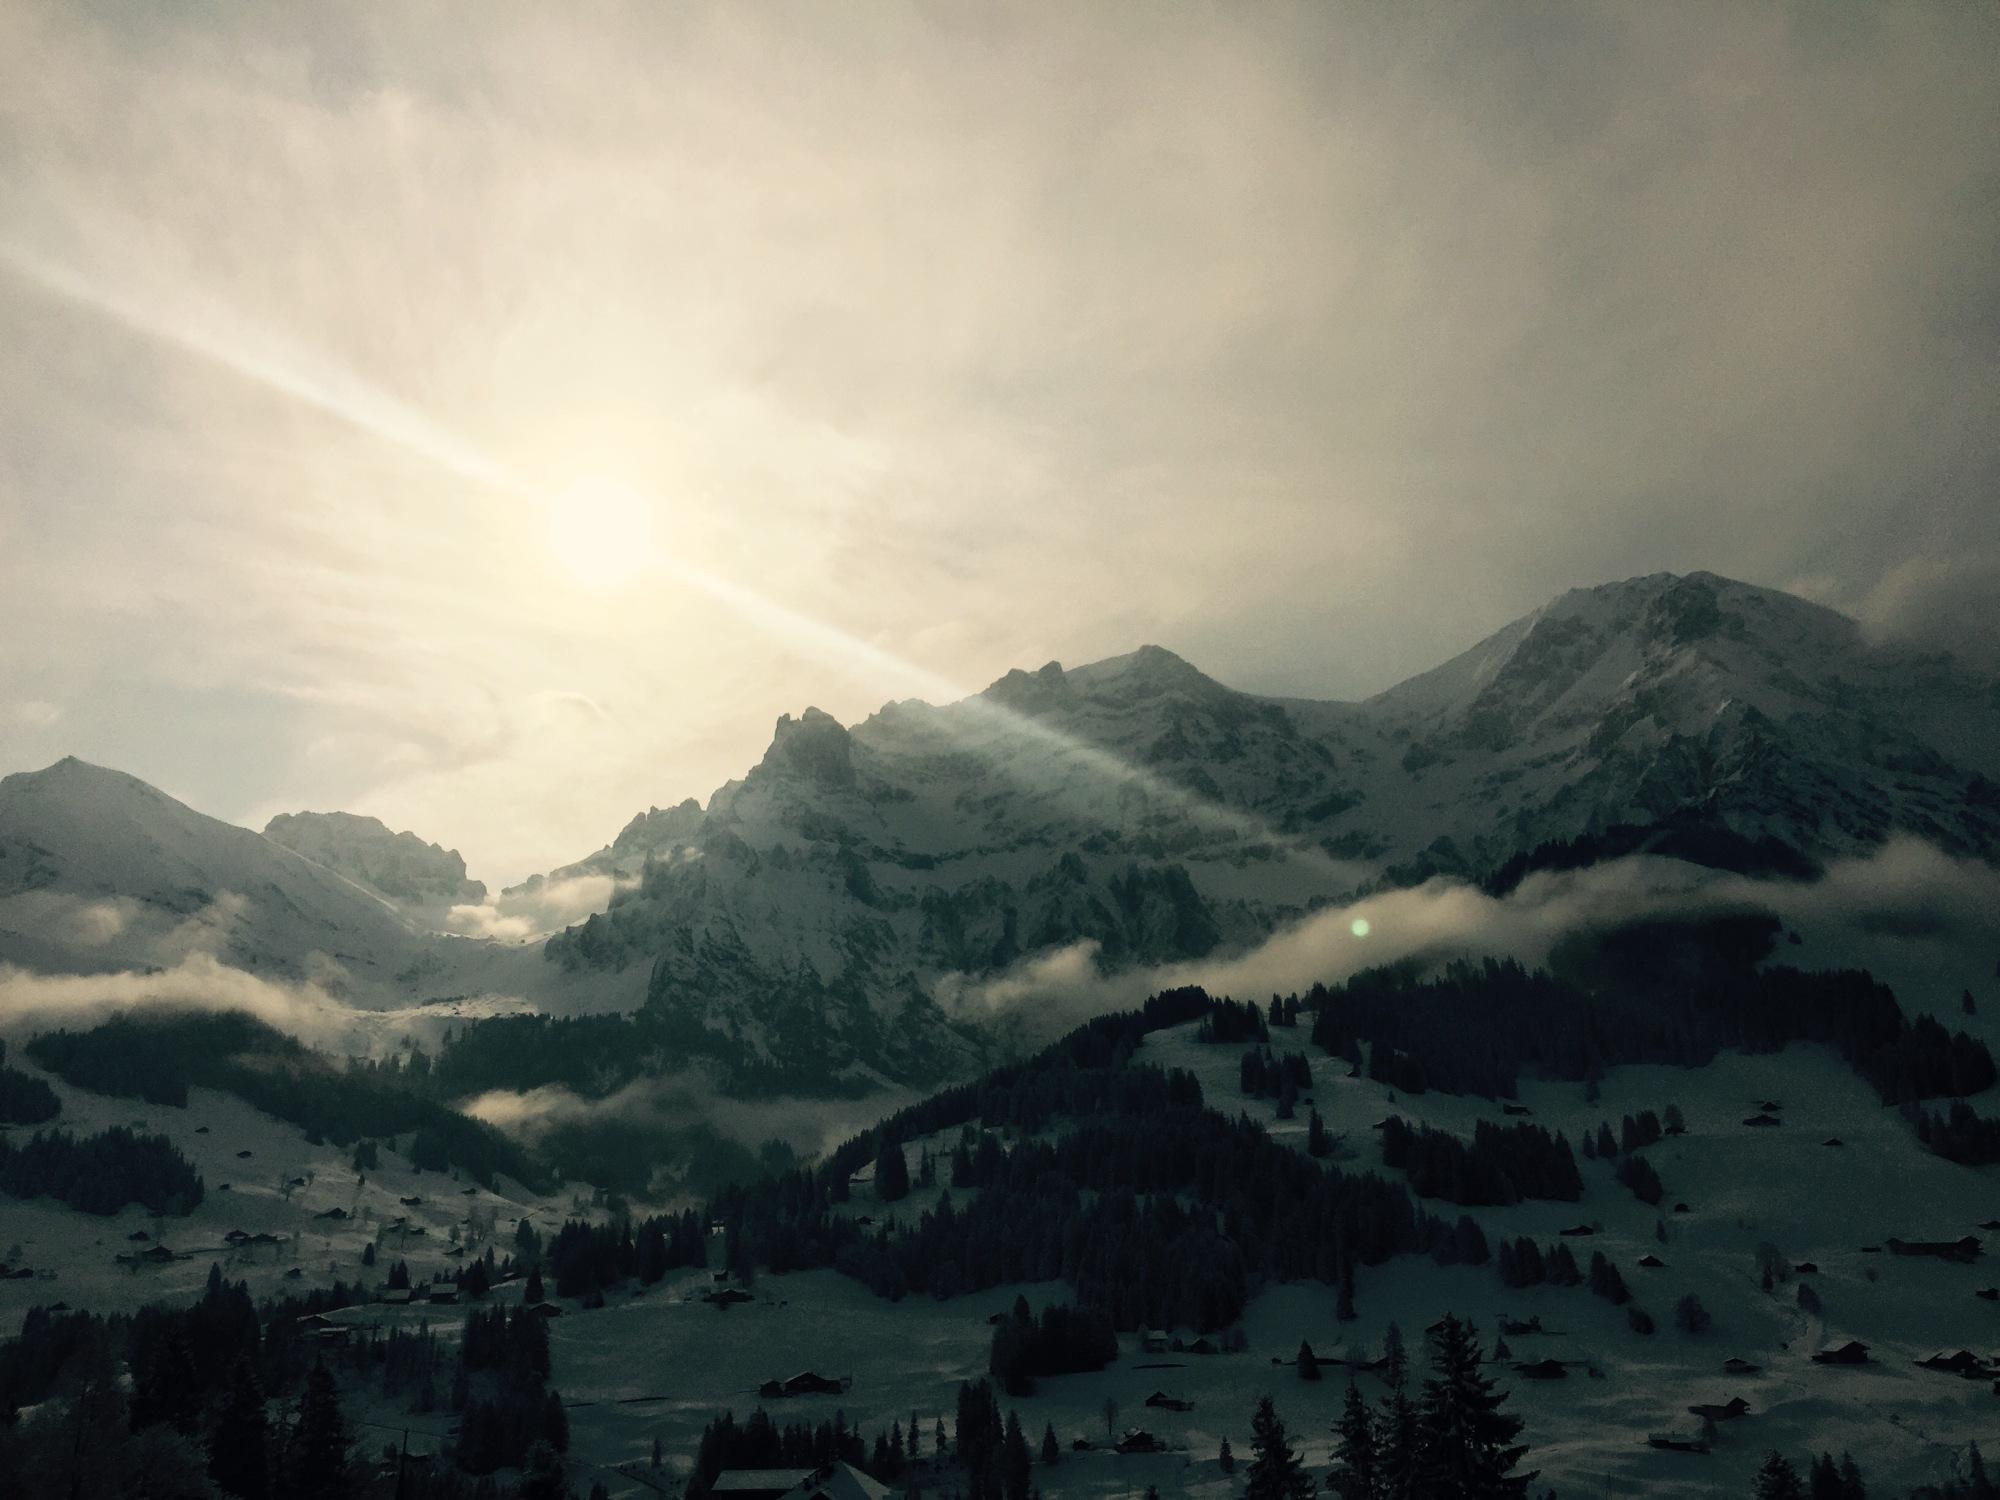 morning snow mountain